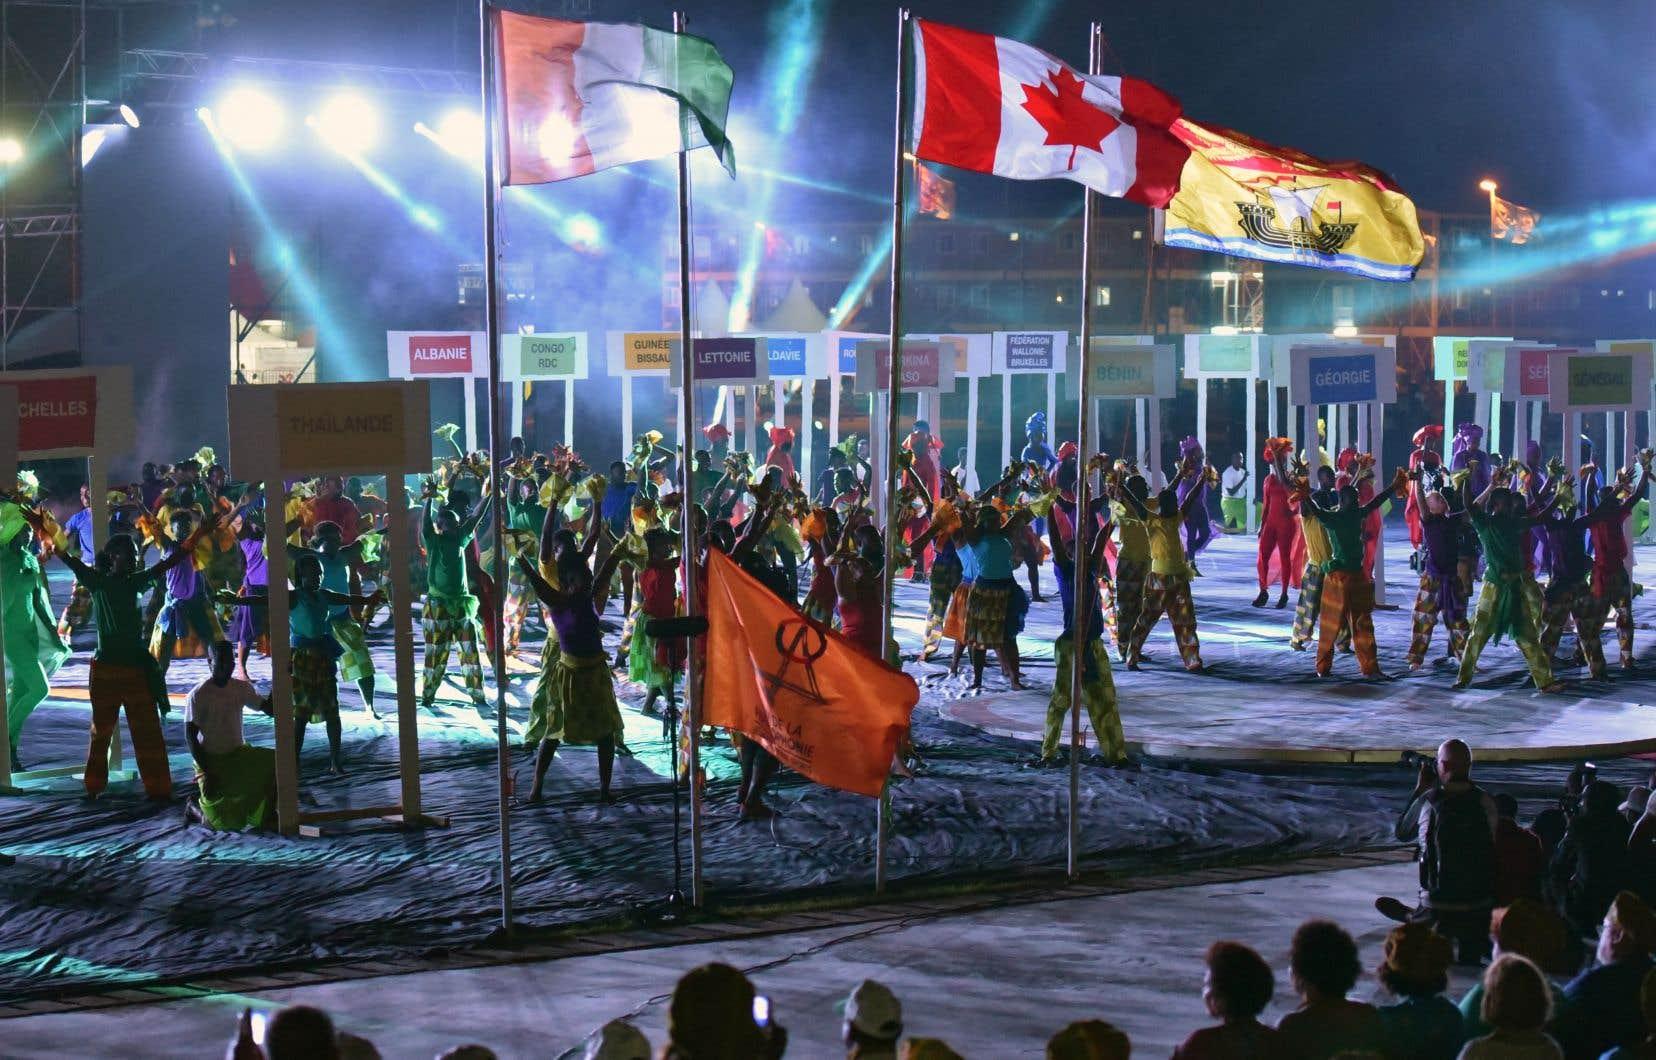 «Les derniers Jeux de la Francophonie qui se sont tenues en 2017 à Abidjan, en Côte d'Ivoire, avaient accueilli 3500 participants», rappelle l'auteur.